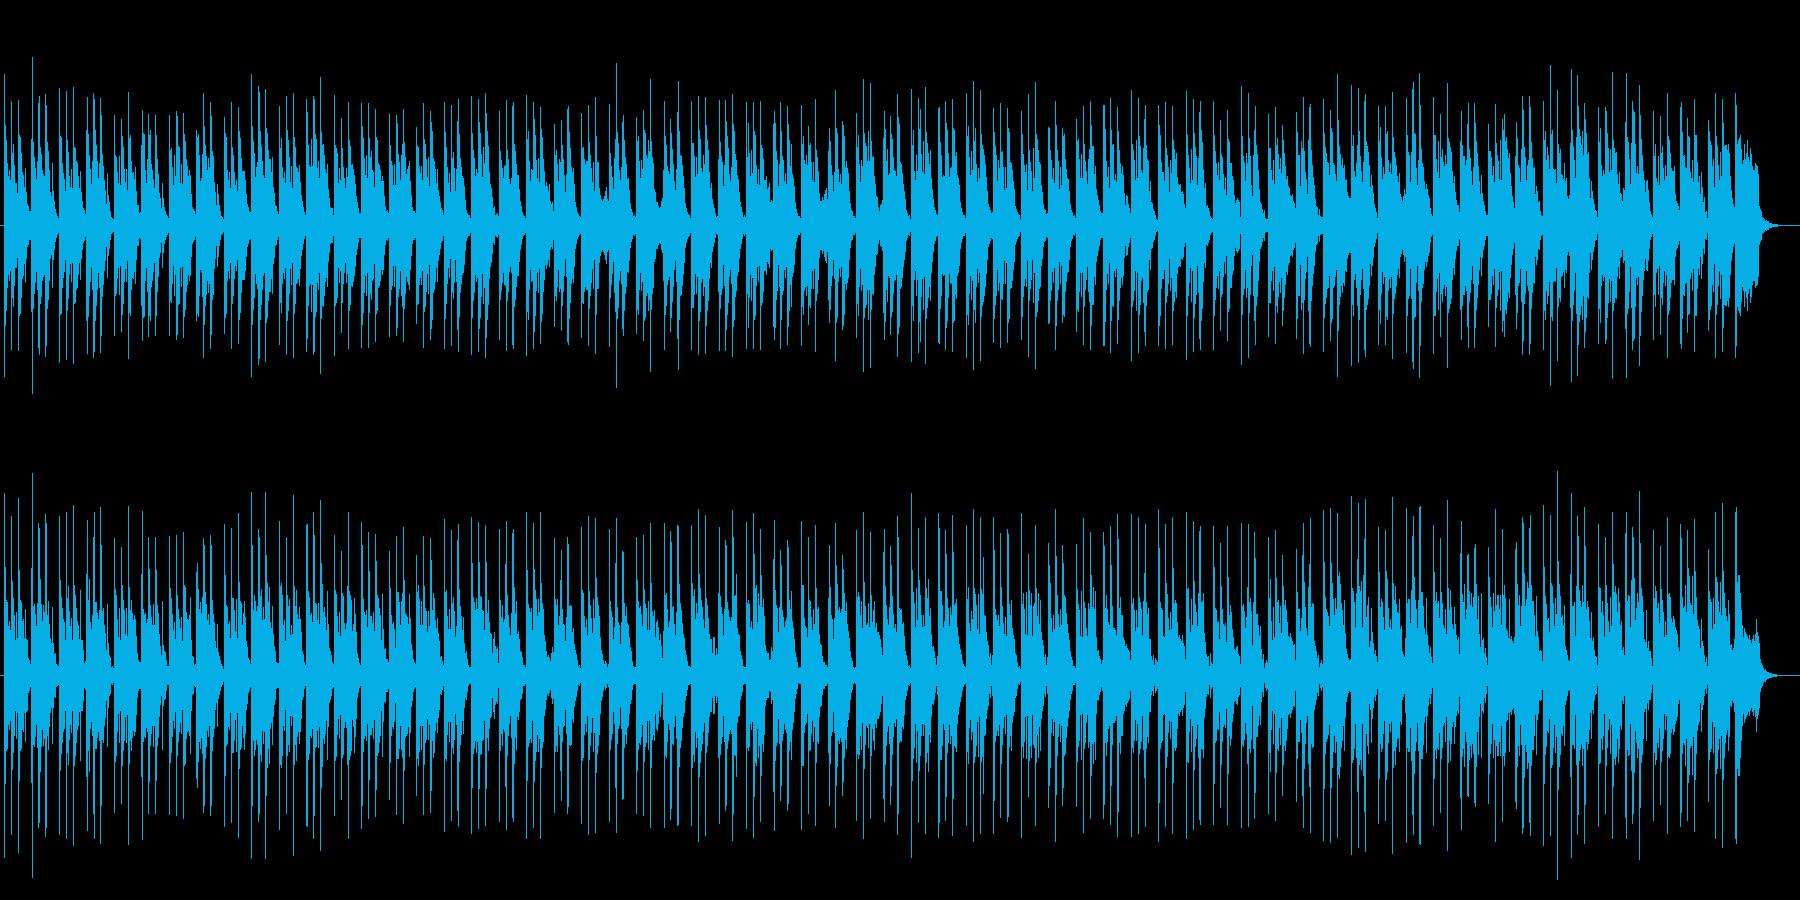 奇麗で透明感のあるシンセサイザーサウンドの再生済みの波形